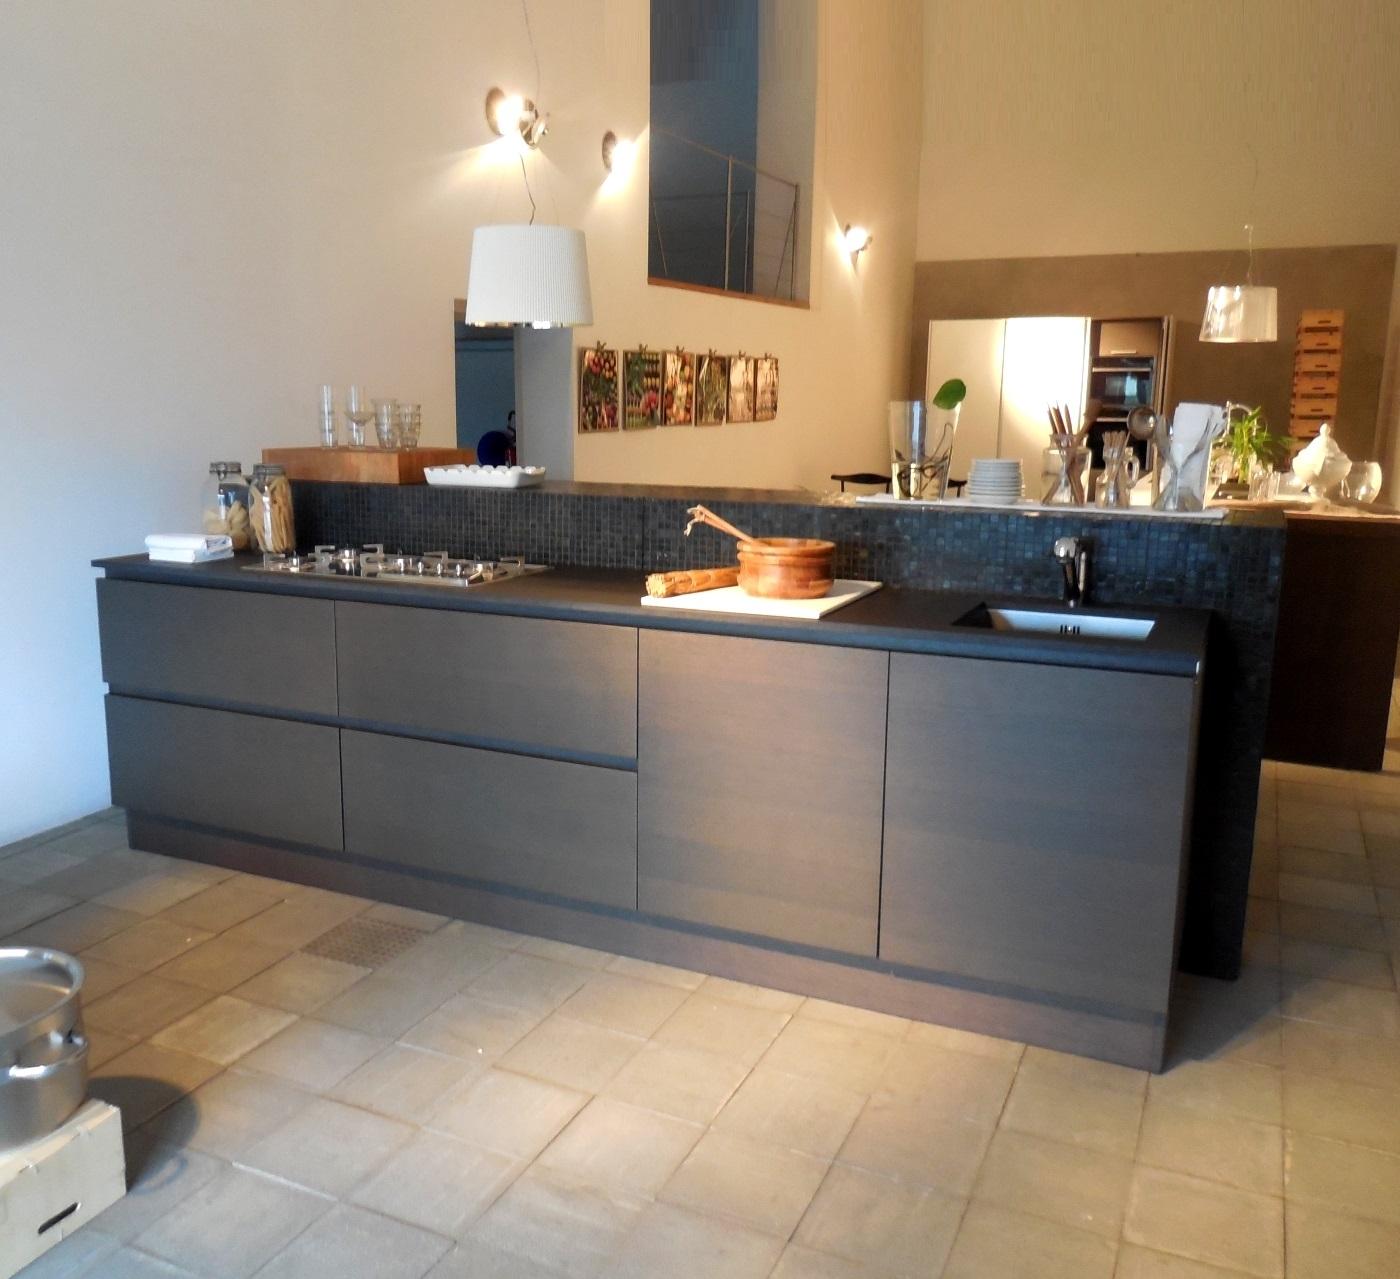 Modulnova cucine prezzi affordable cucina modulnova light design laccato opaco bianca cucine a - Modulnova cucine prezzi ...